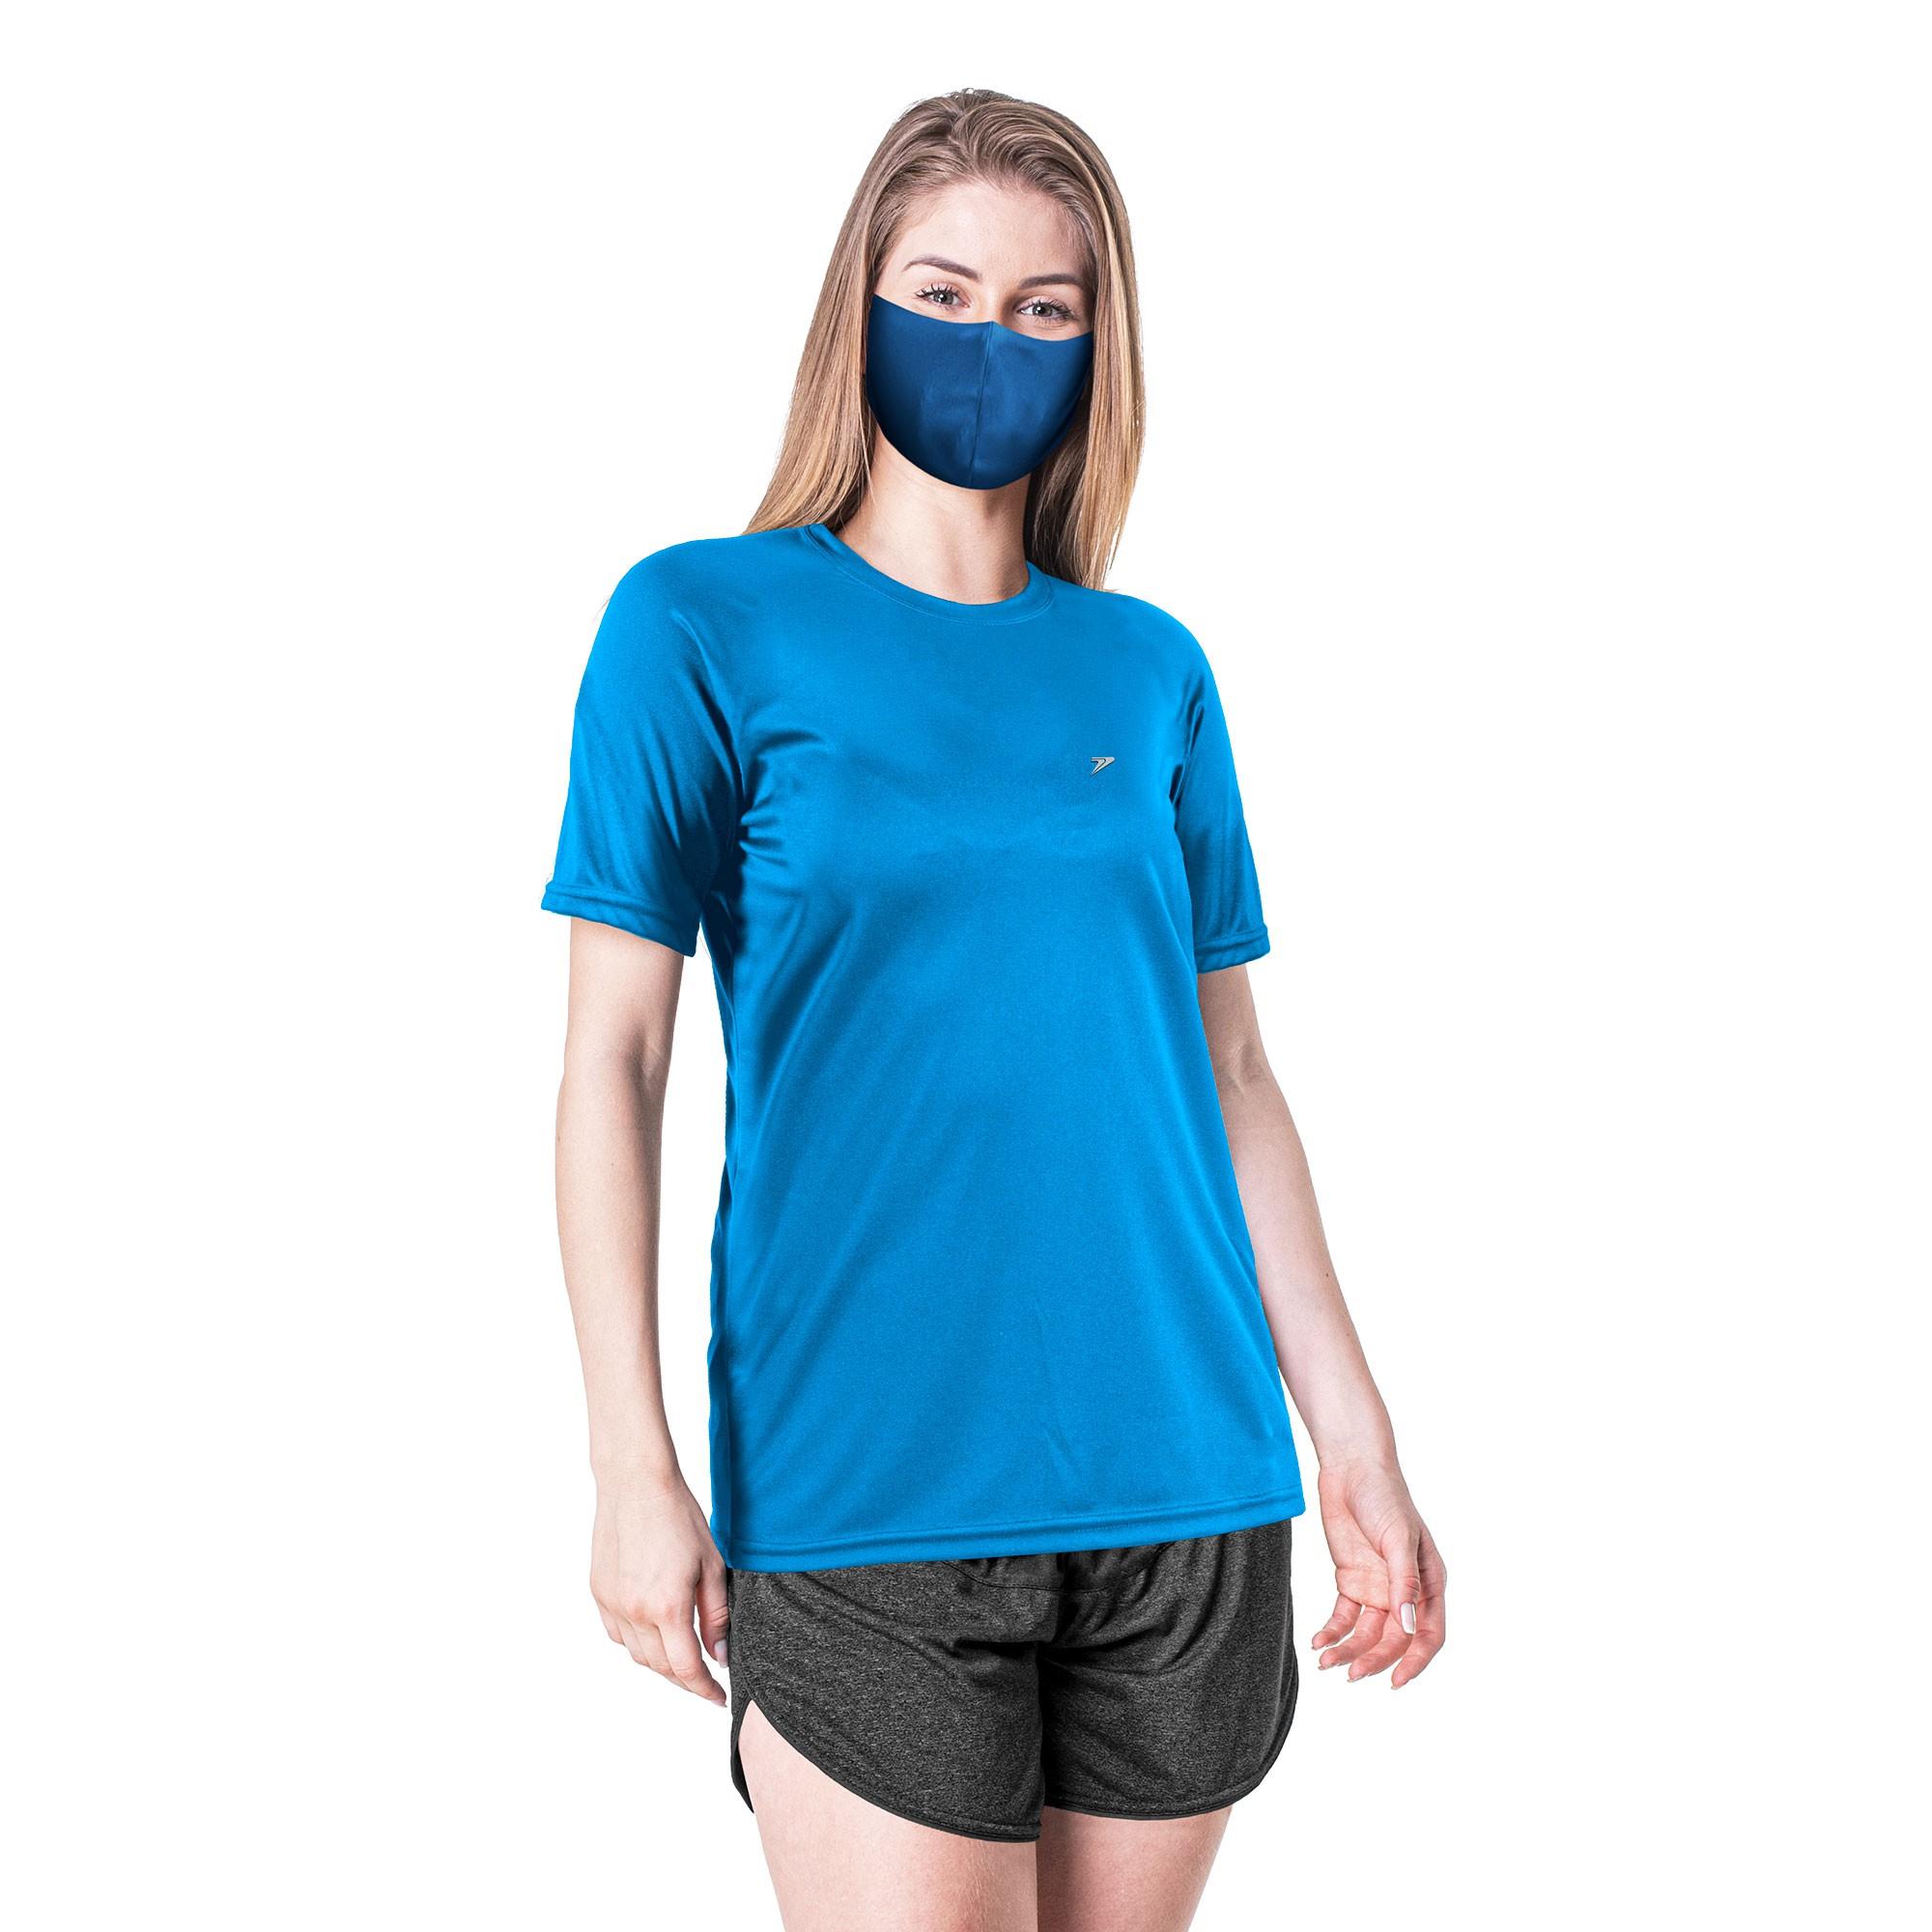 Camisa T-Shirt Basic Feminina UV Antiviral 04212